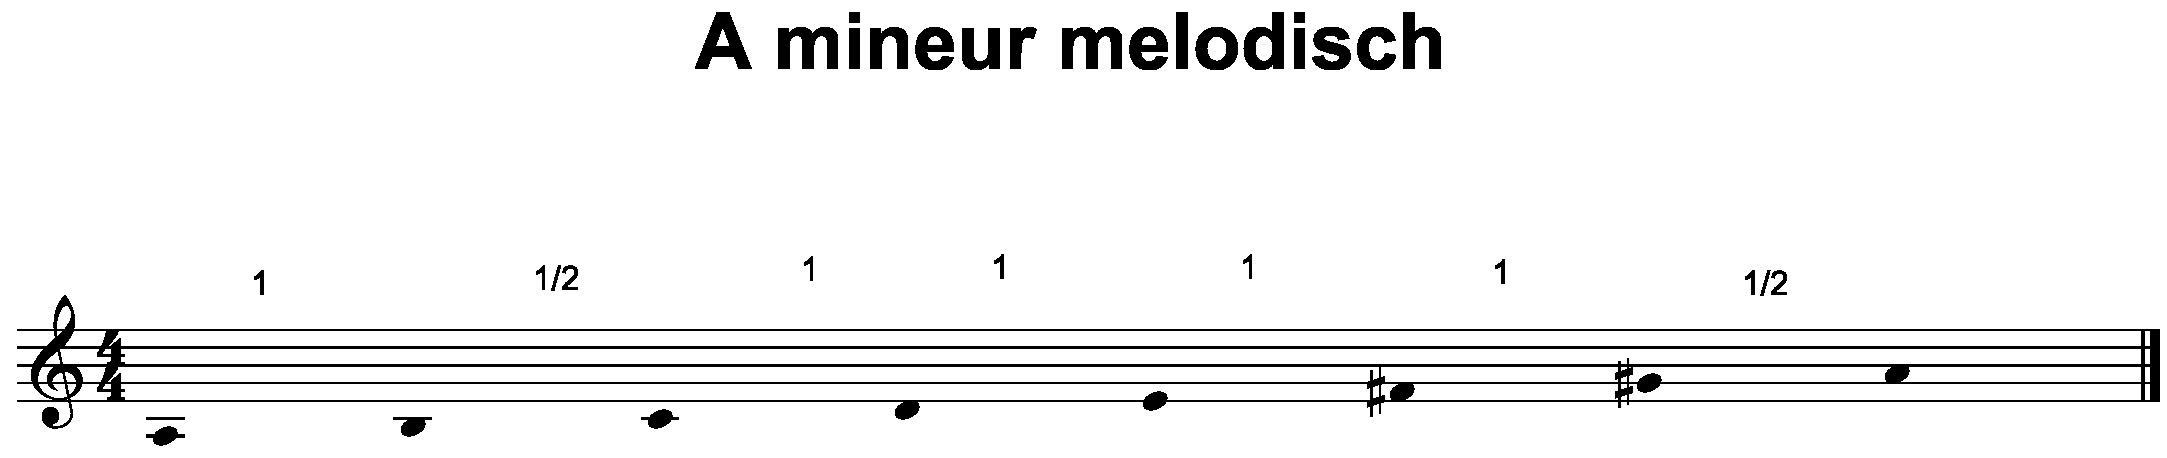 Theorieboek A mineurladder melodisch